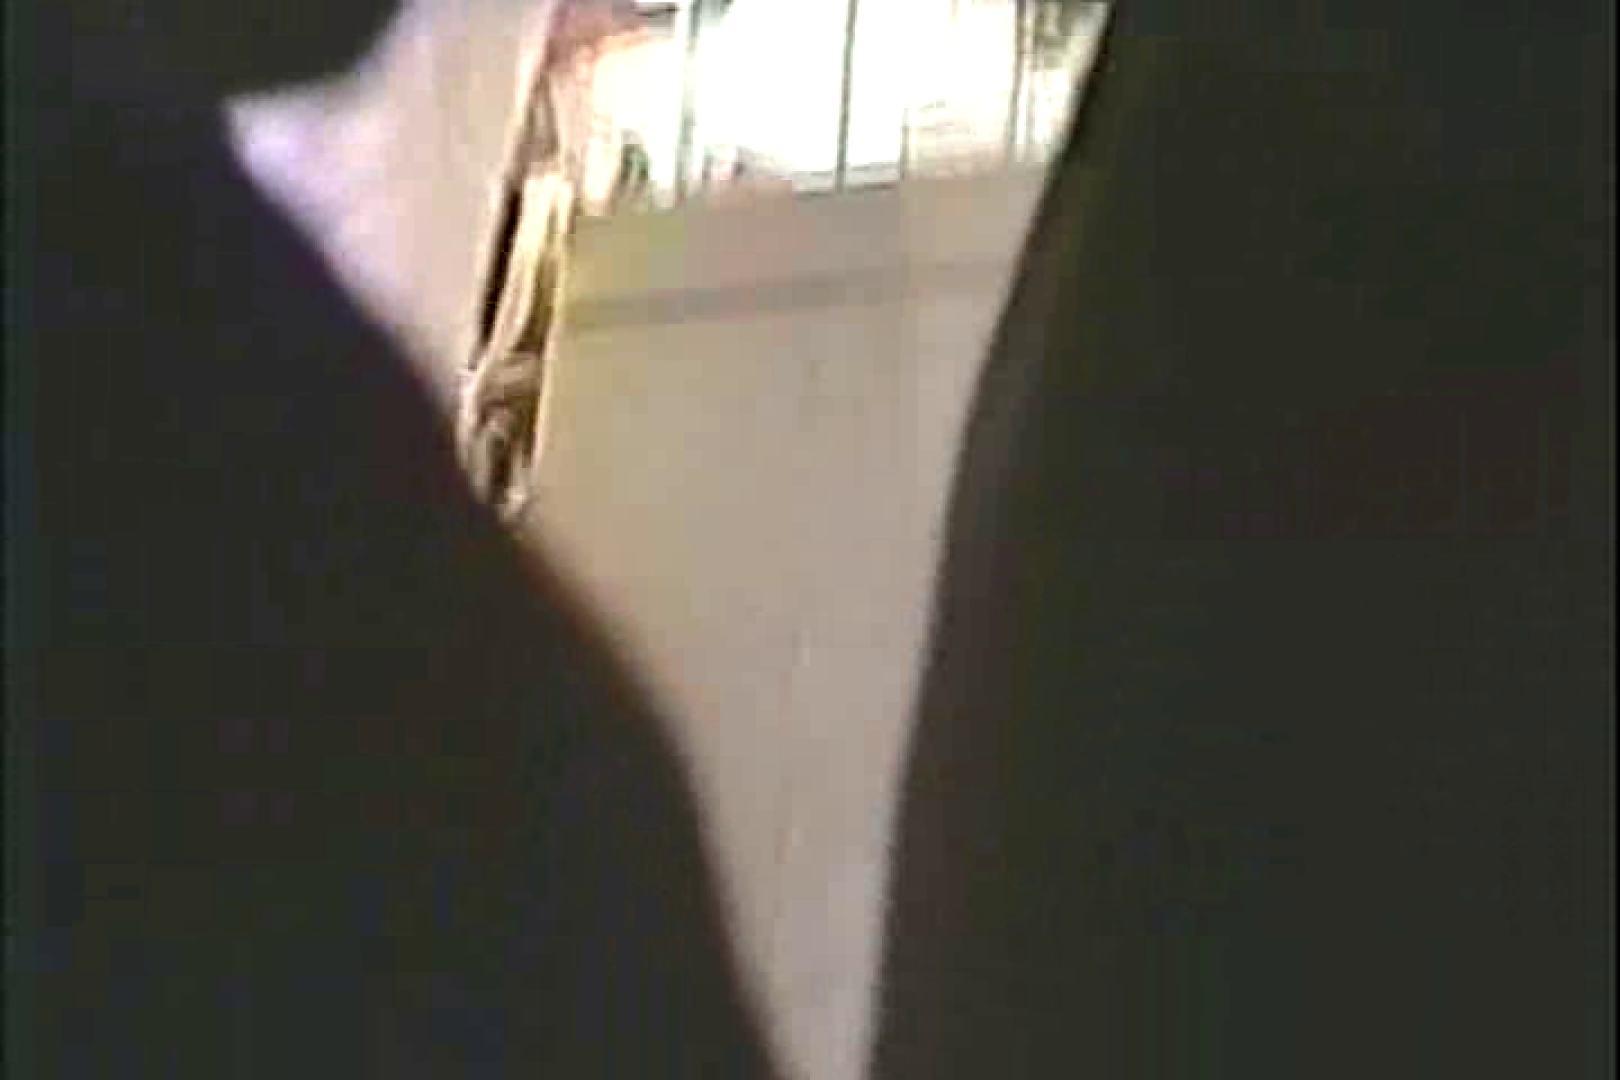 「ちくりん」さんのオリジナル未編集パンチラVol.3_01 レースクイーンエロ画像 盗撮アダルト動画キャプチャ 63PICs 41